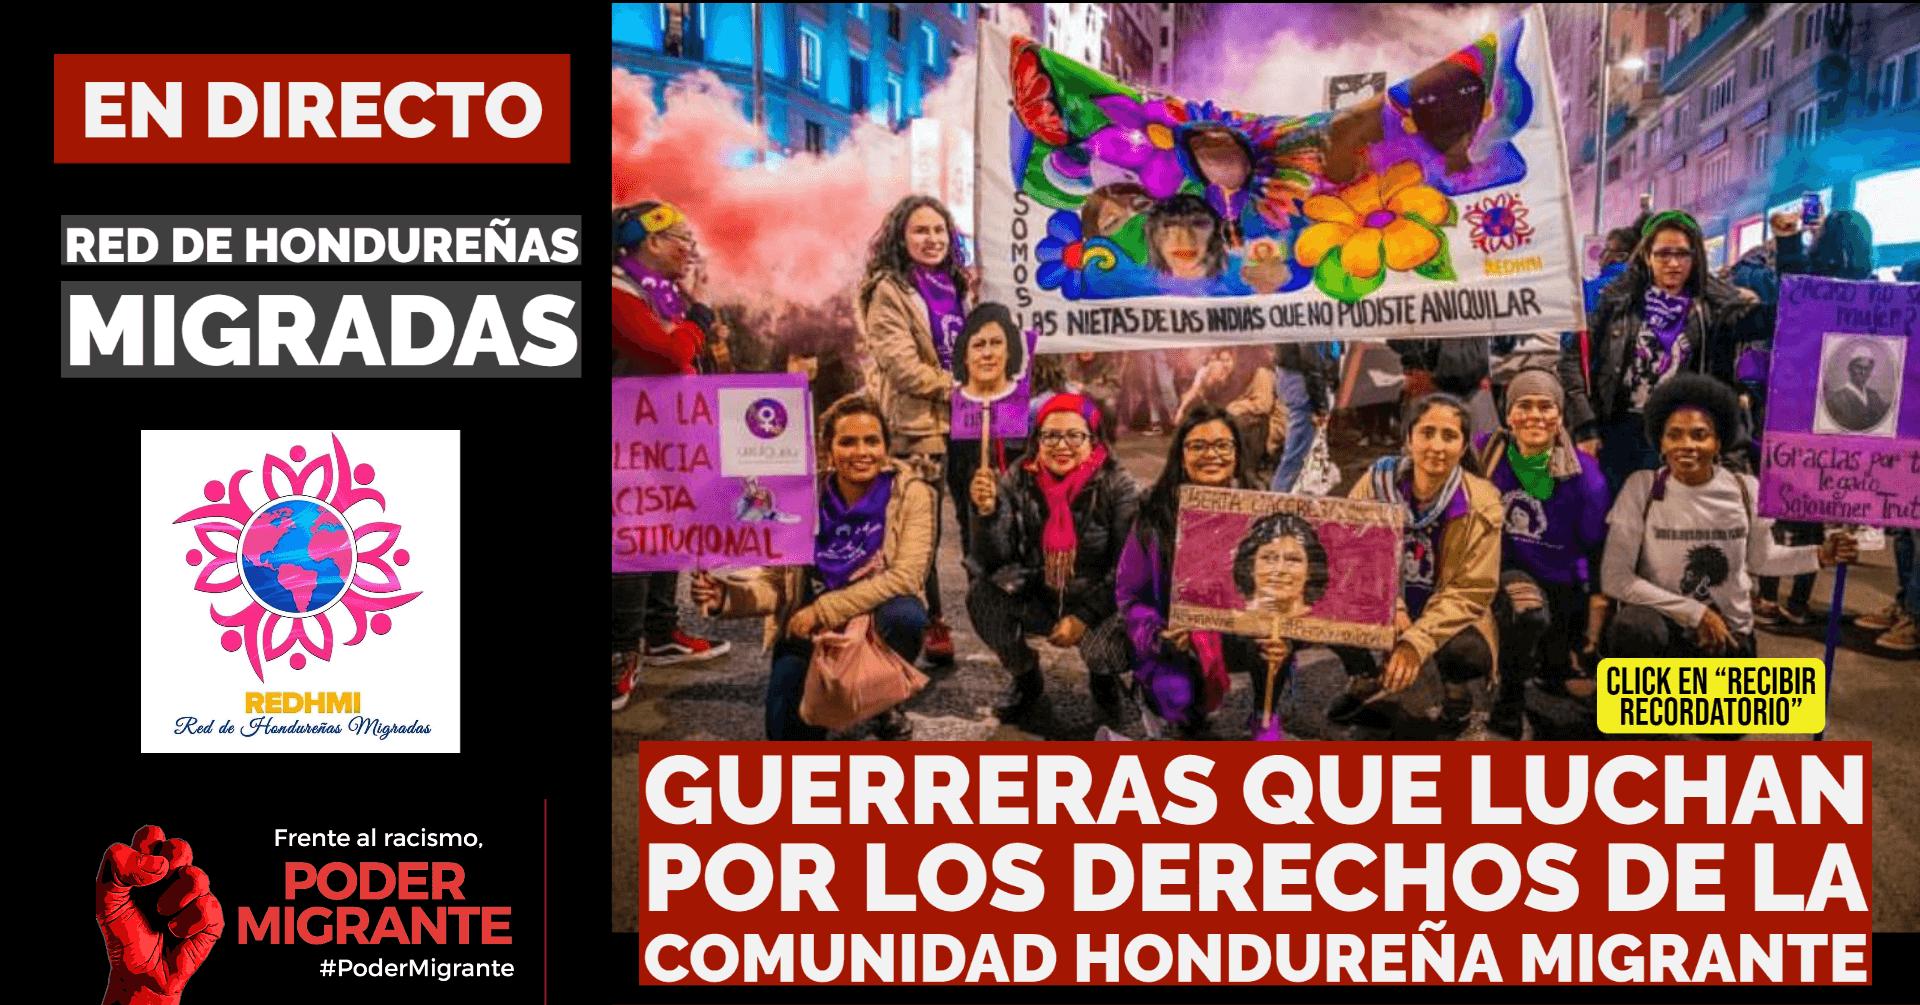 En Directo con la Red Hondureñas Migradas (REDHMI)